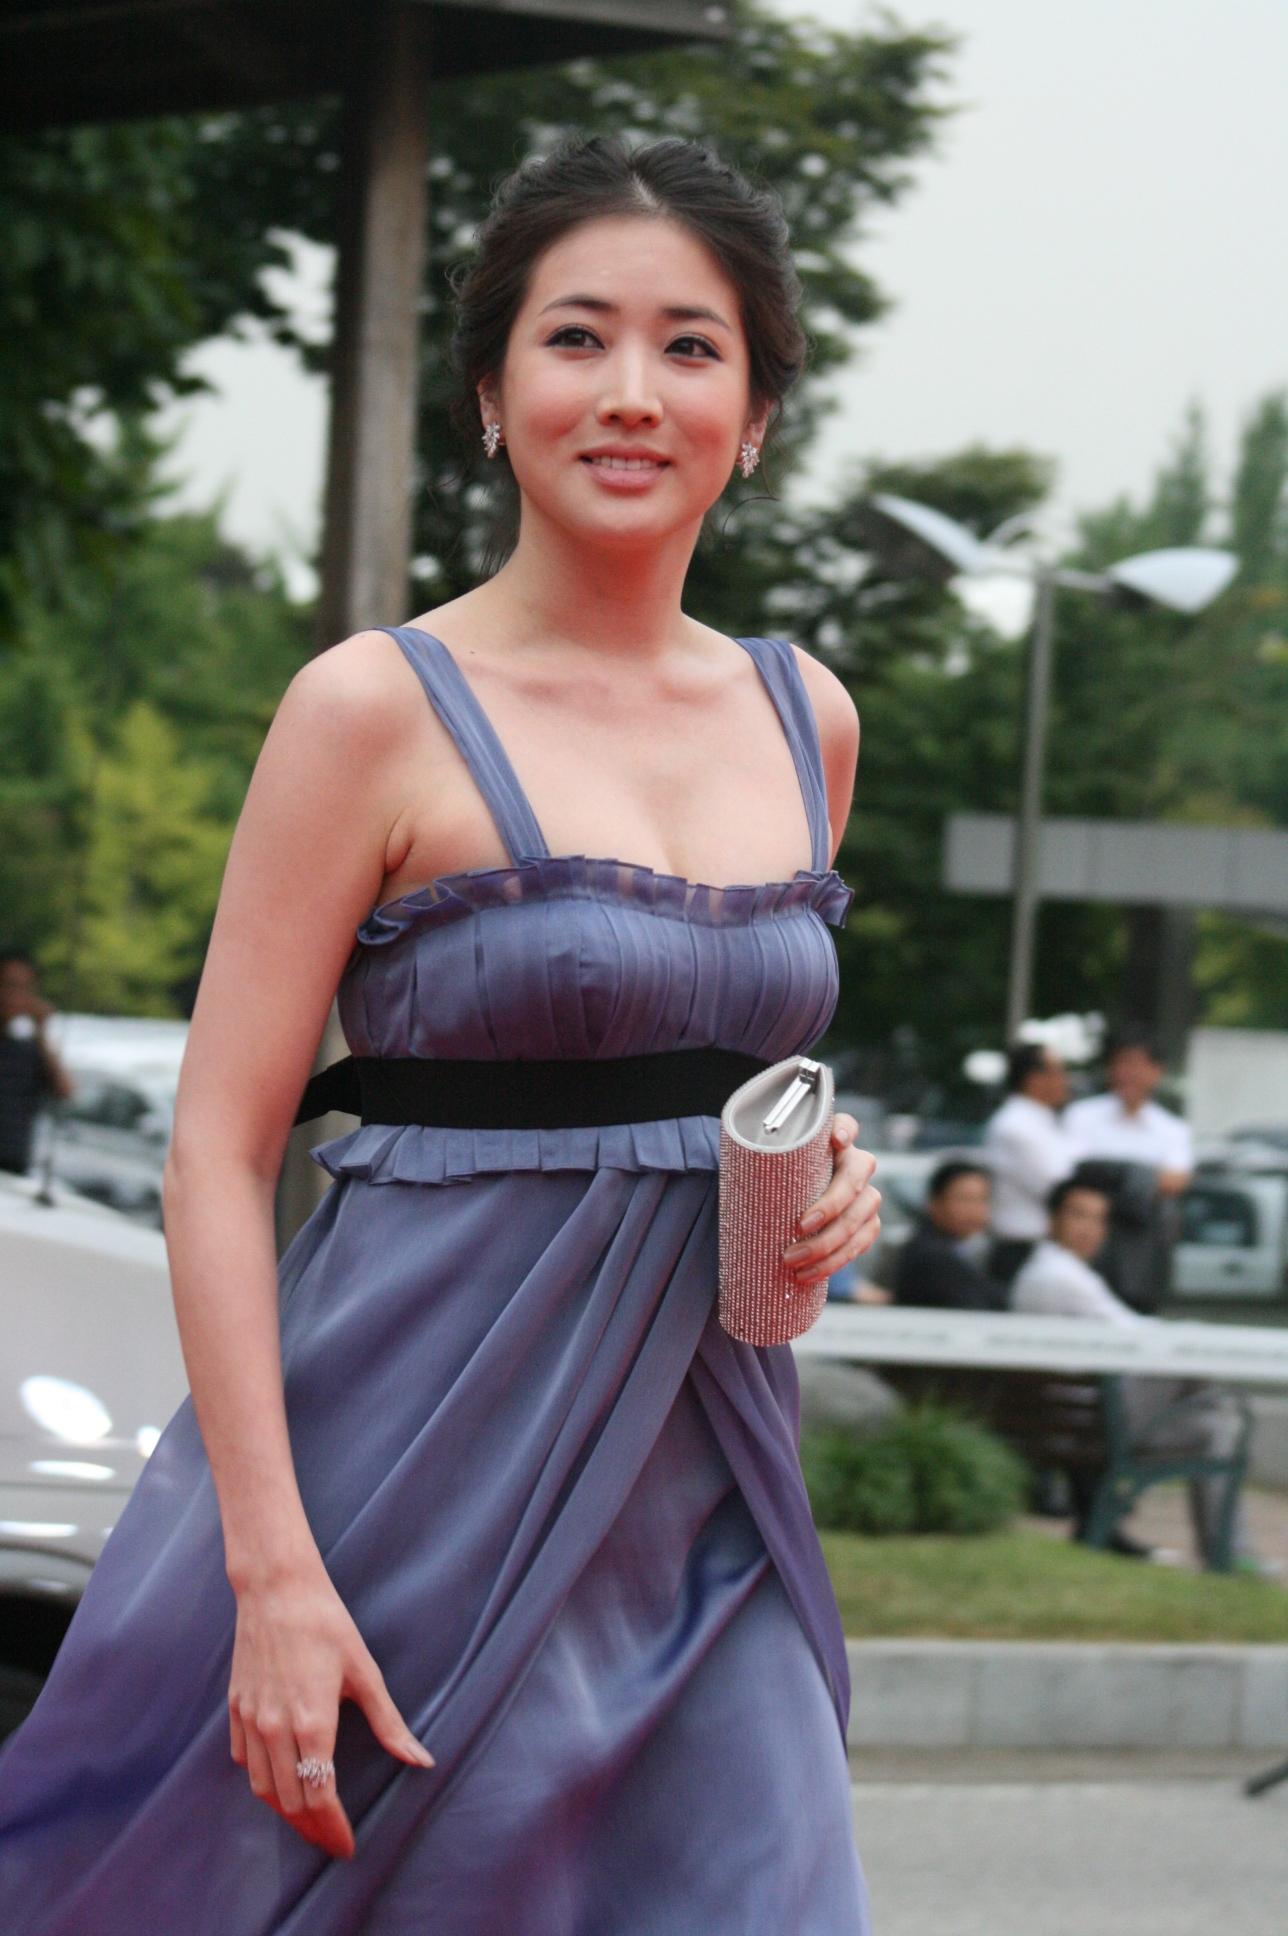 choi jung won dating